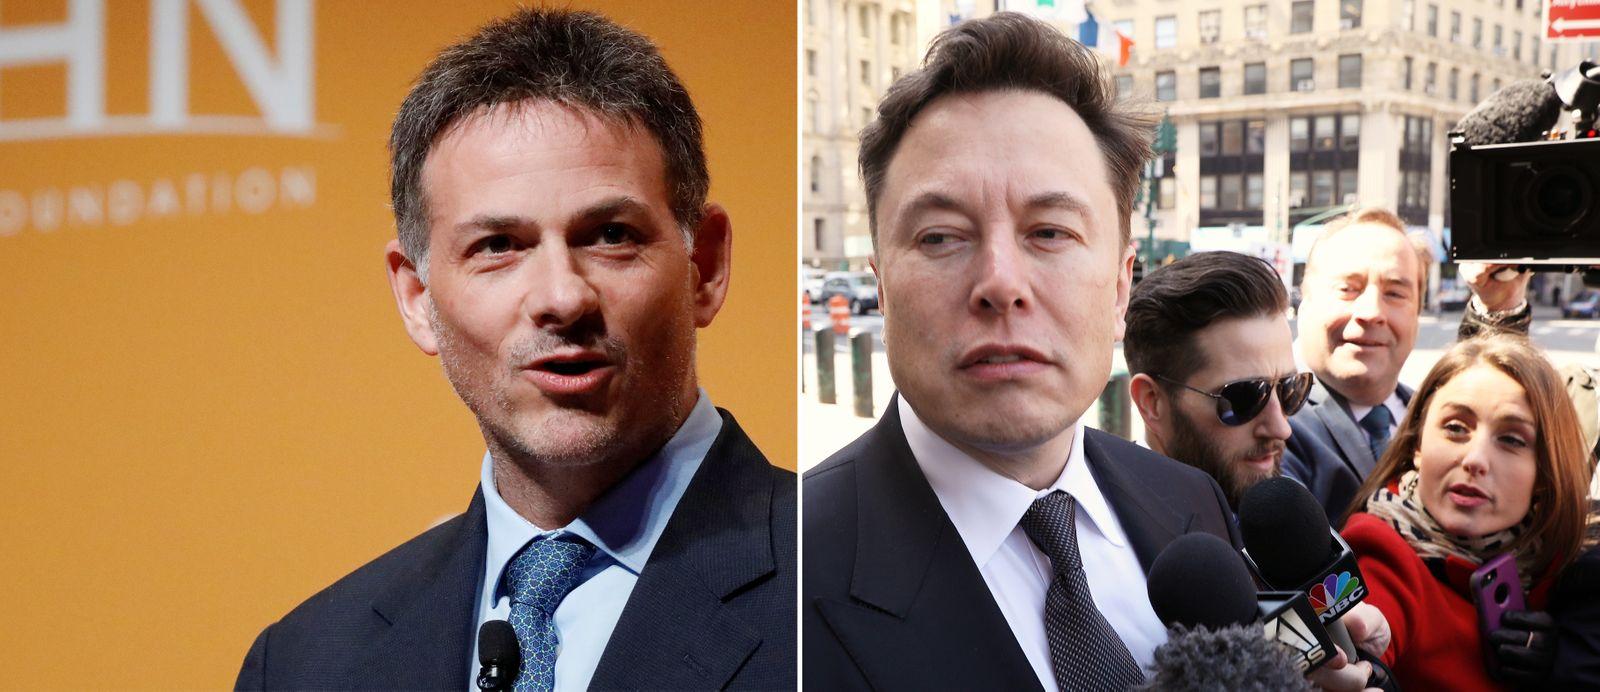 2er Kombo David Einhorn Elon Musk